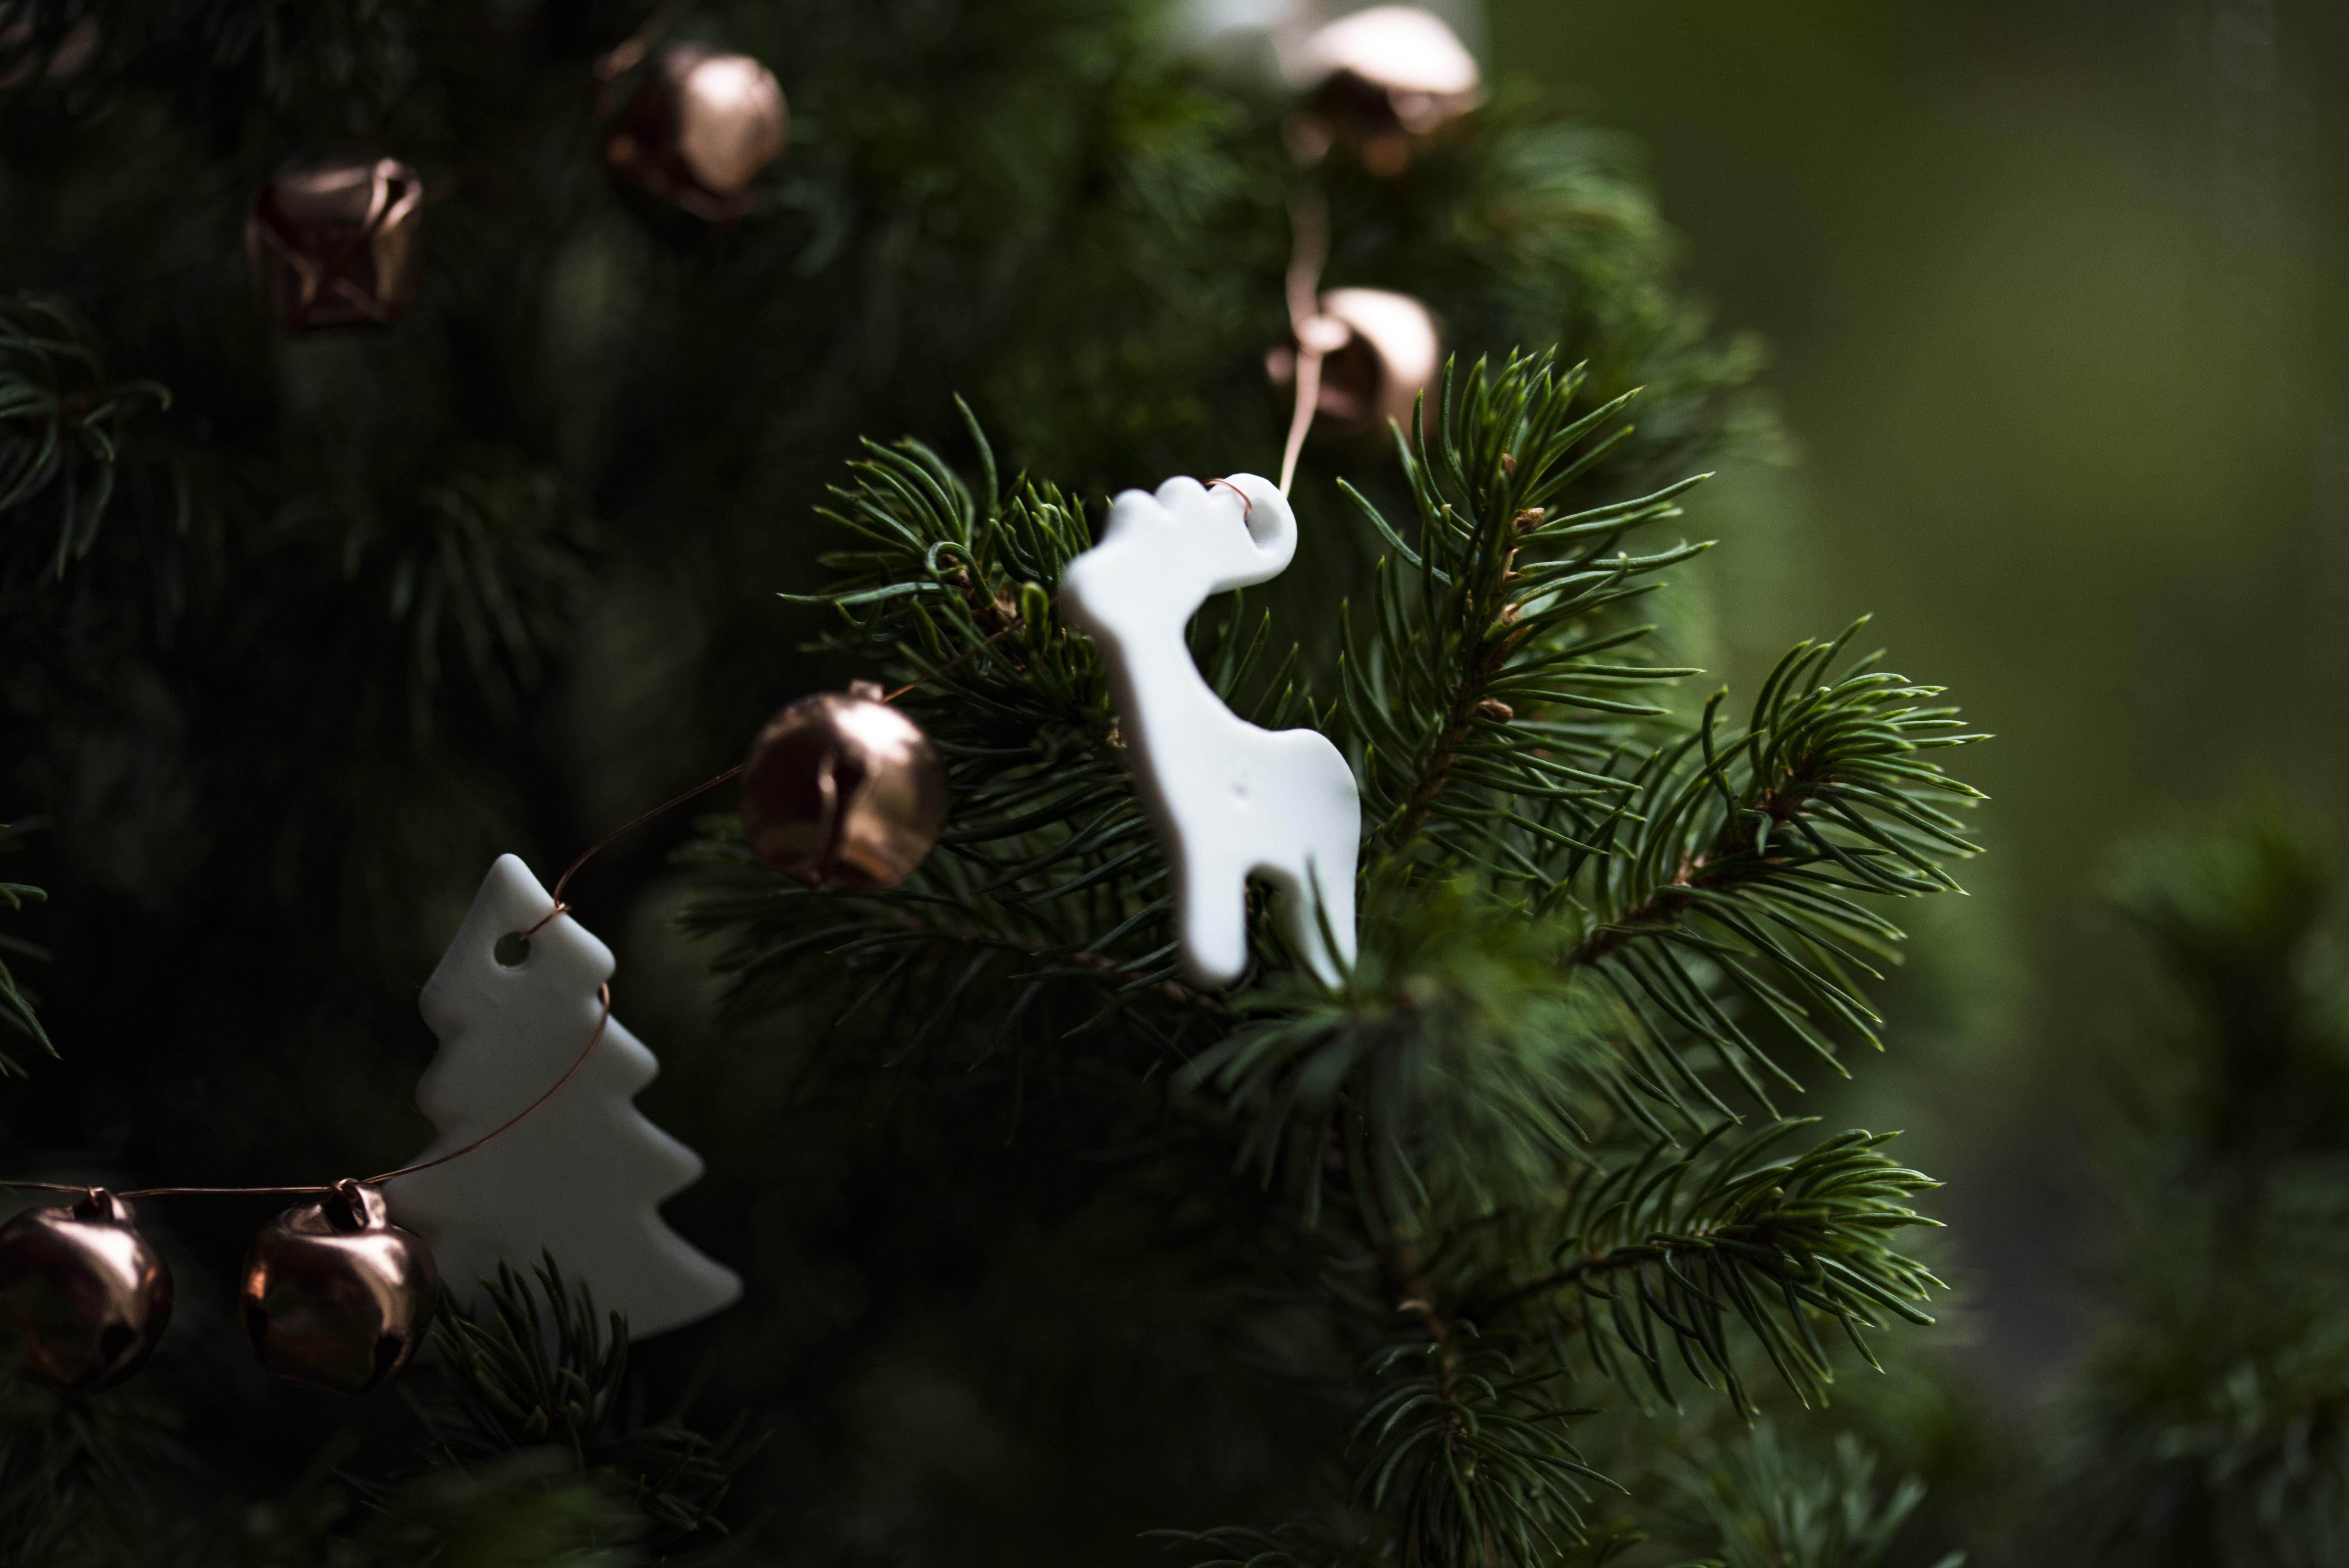 155760 Salvapantallas y fondos de pantalla Año Nuevo en tu teléfono. Descarga imágenes de Vacaciones, Navidad, Año Nuevo, Árbol De Navidad, Juguete gratis